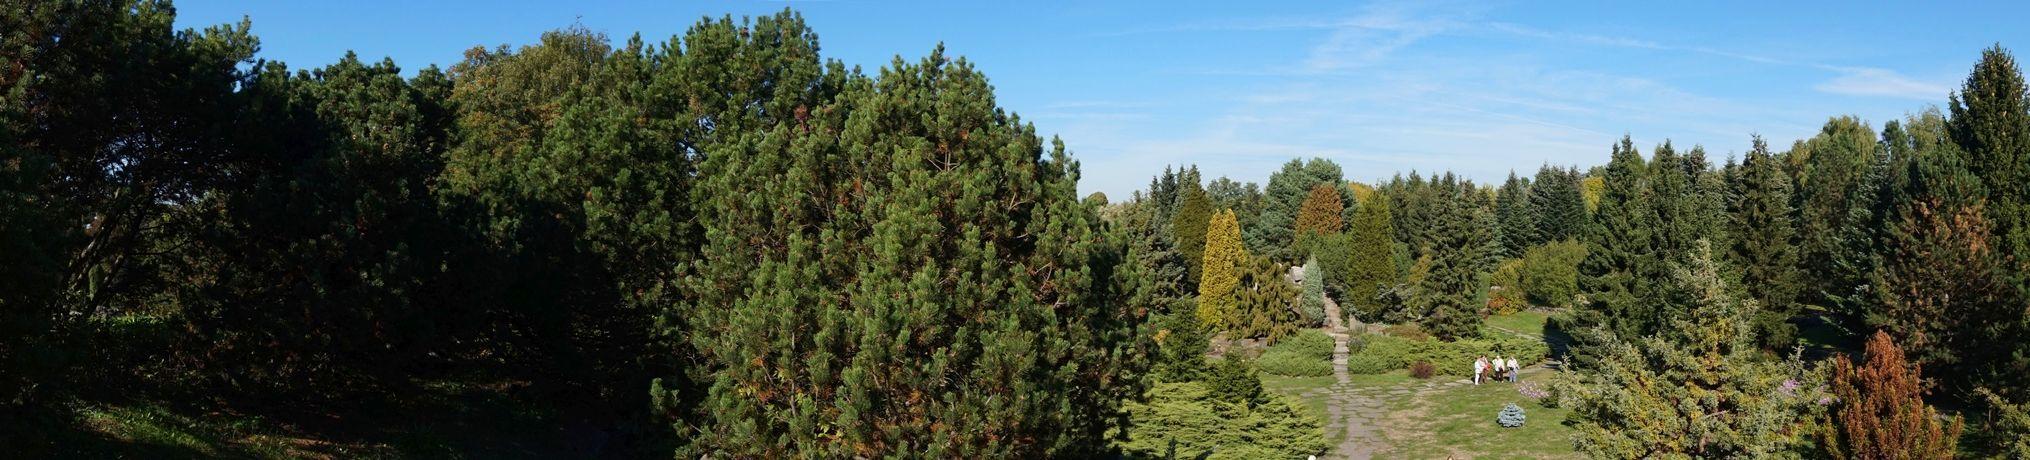 Ogród Botaniczny 9